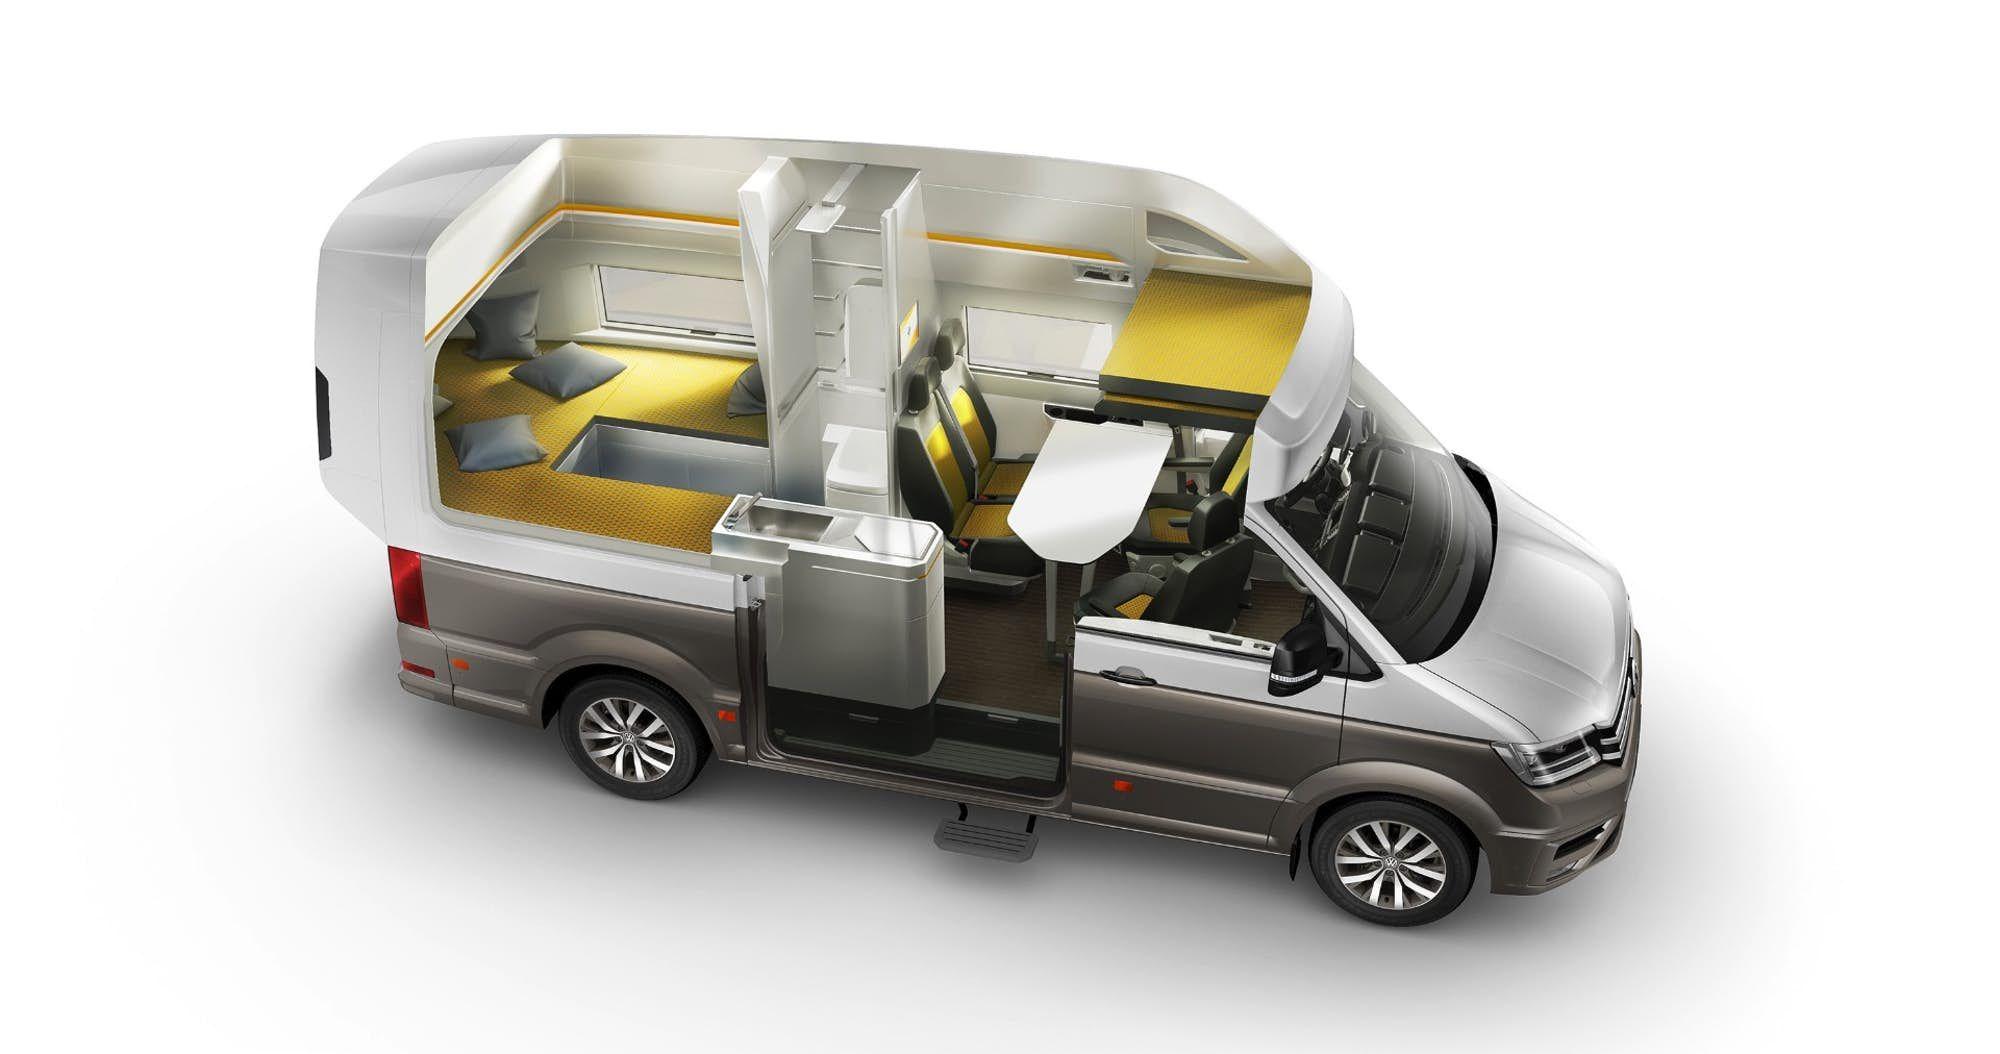 Overview Of The California Xxl Layout Volkswagen Camper Volkswagen Vw Camper